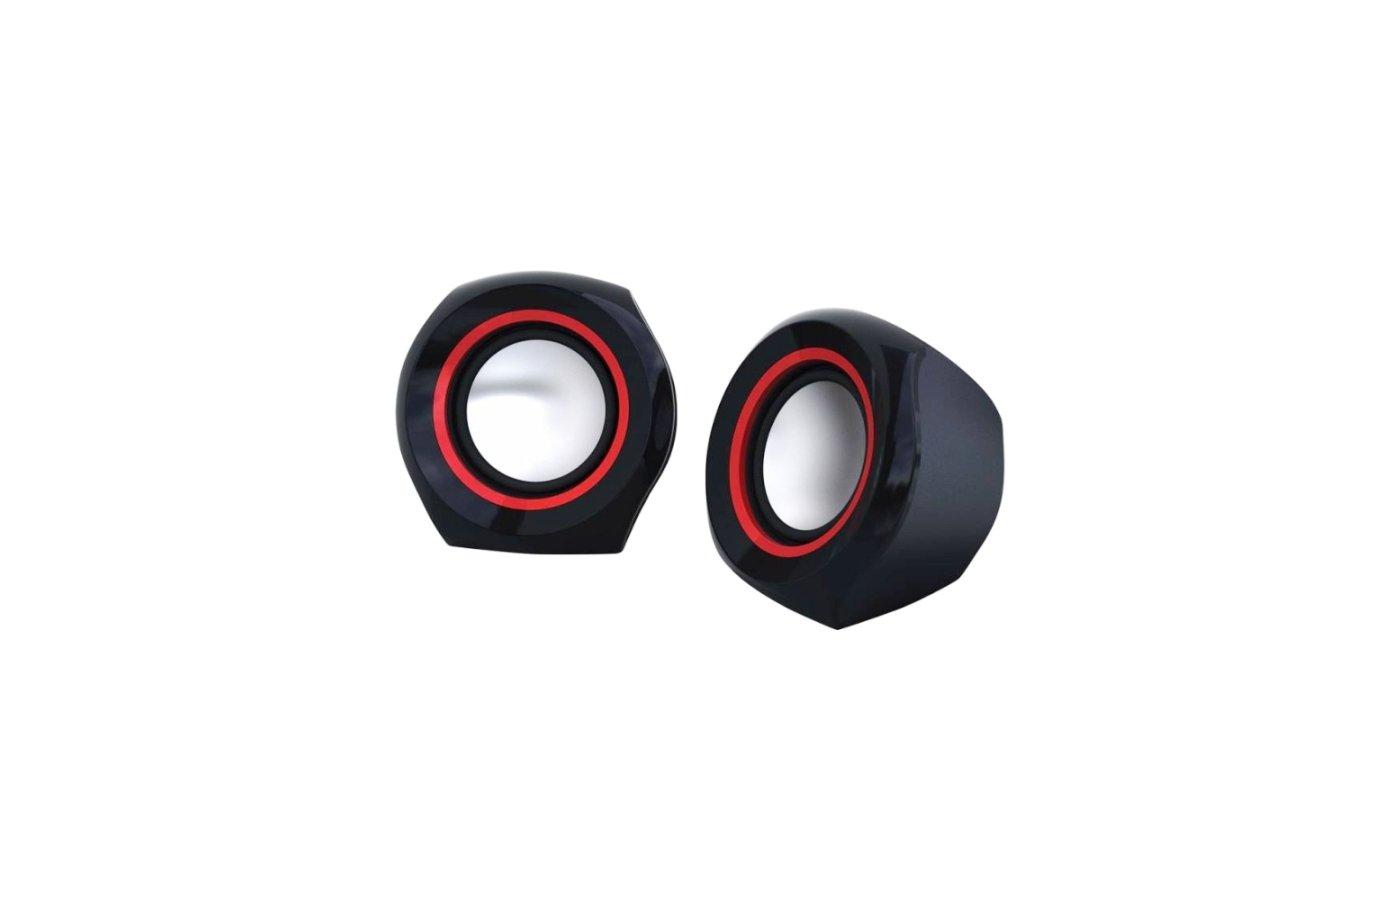 Компьютерные колонки Oklick OK-206 черный/красный 4Вт портативные